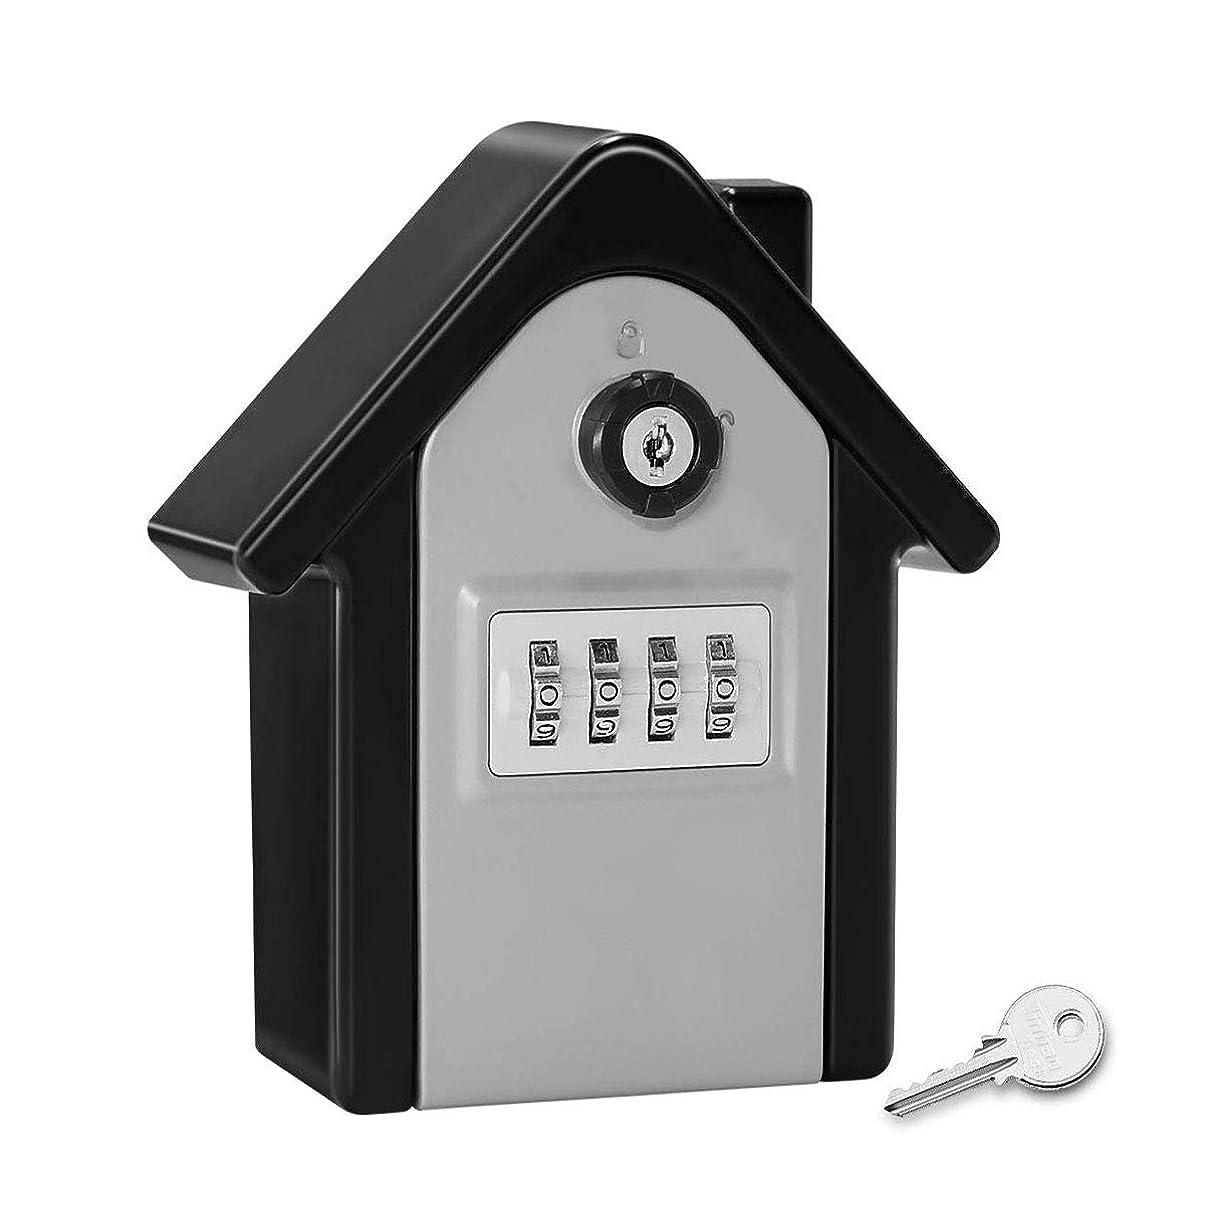 憎しみ印象的なキャッチ大容量キー暗証番号ボックス?C-Timvasion 壁掛け鍵収納ボックス 4桁ダイヤル式 キーボックス 緊急キー付き?パスワードの回復機能 共有の鍵、放課後の子供、休日の家に最適です